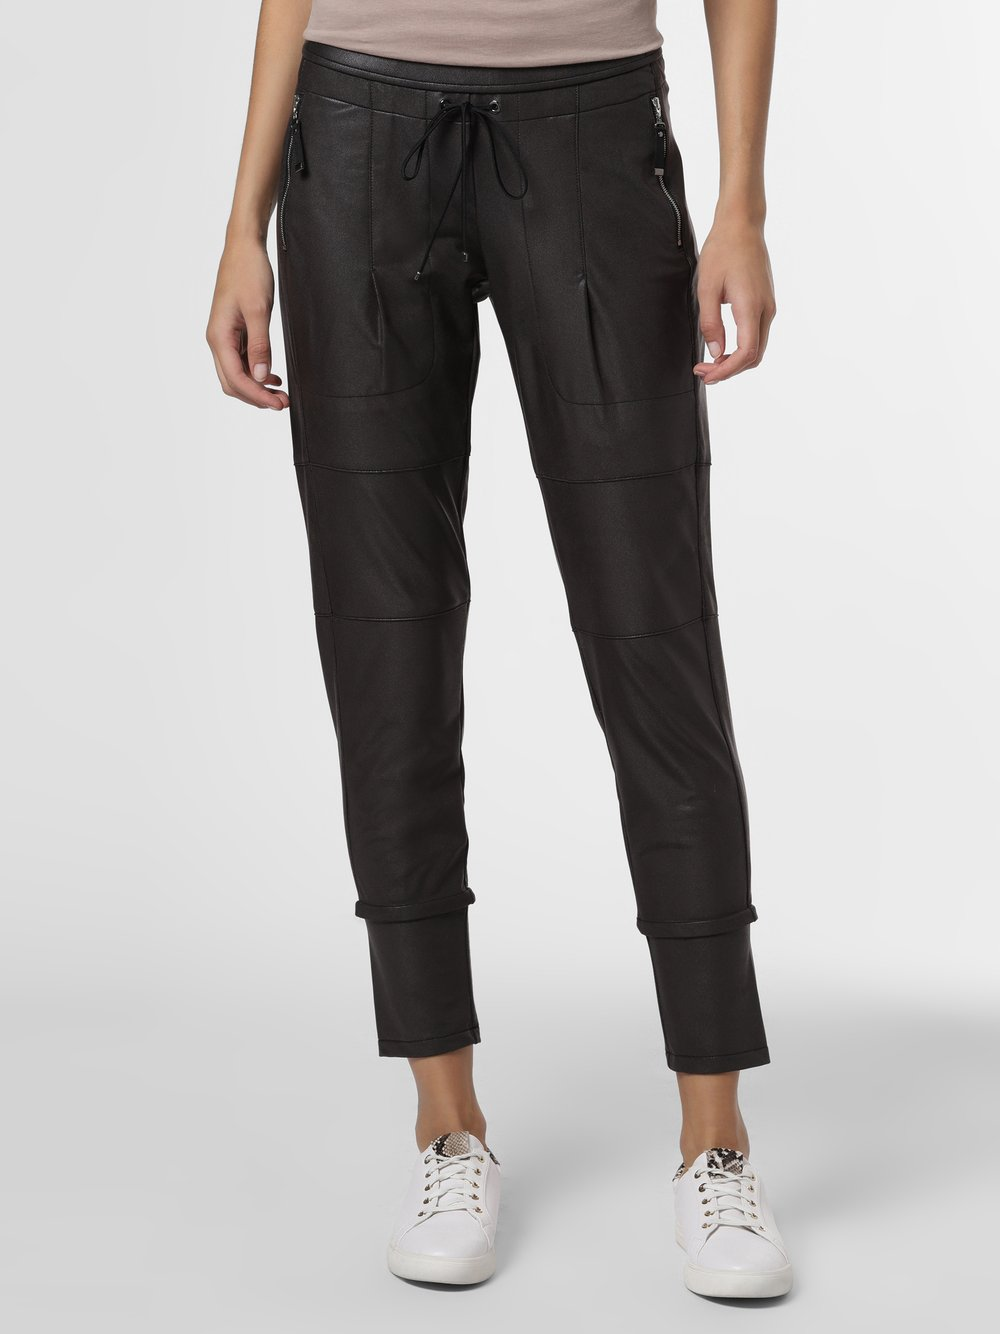 RAFFAELLO ROSSI – Spodnie damskie – Candy, brązowy Van Graaf 483912-0001